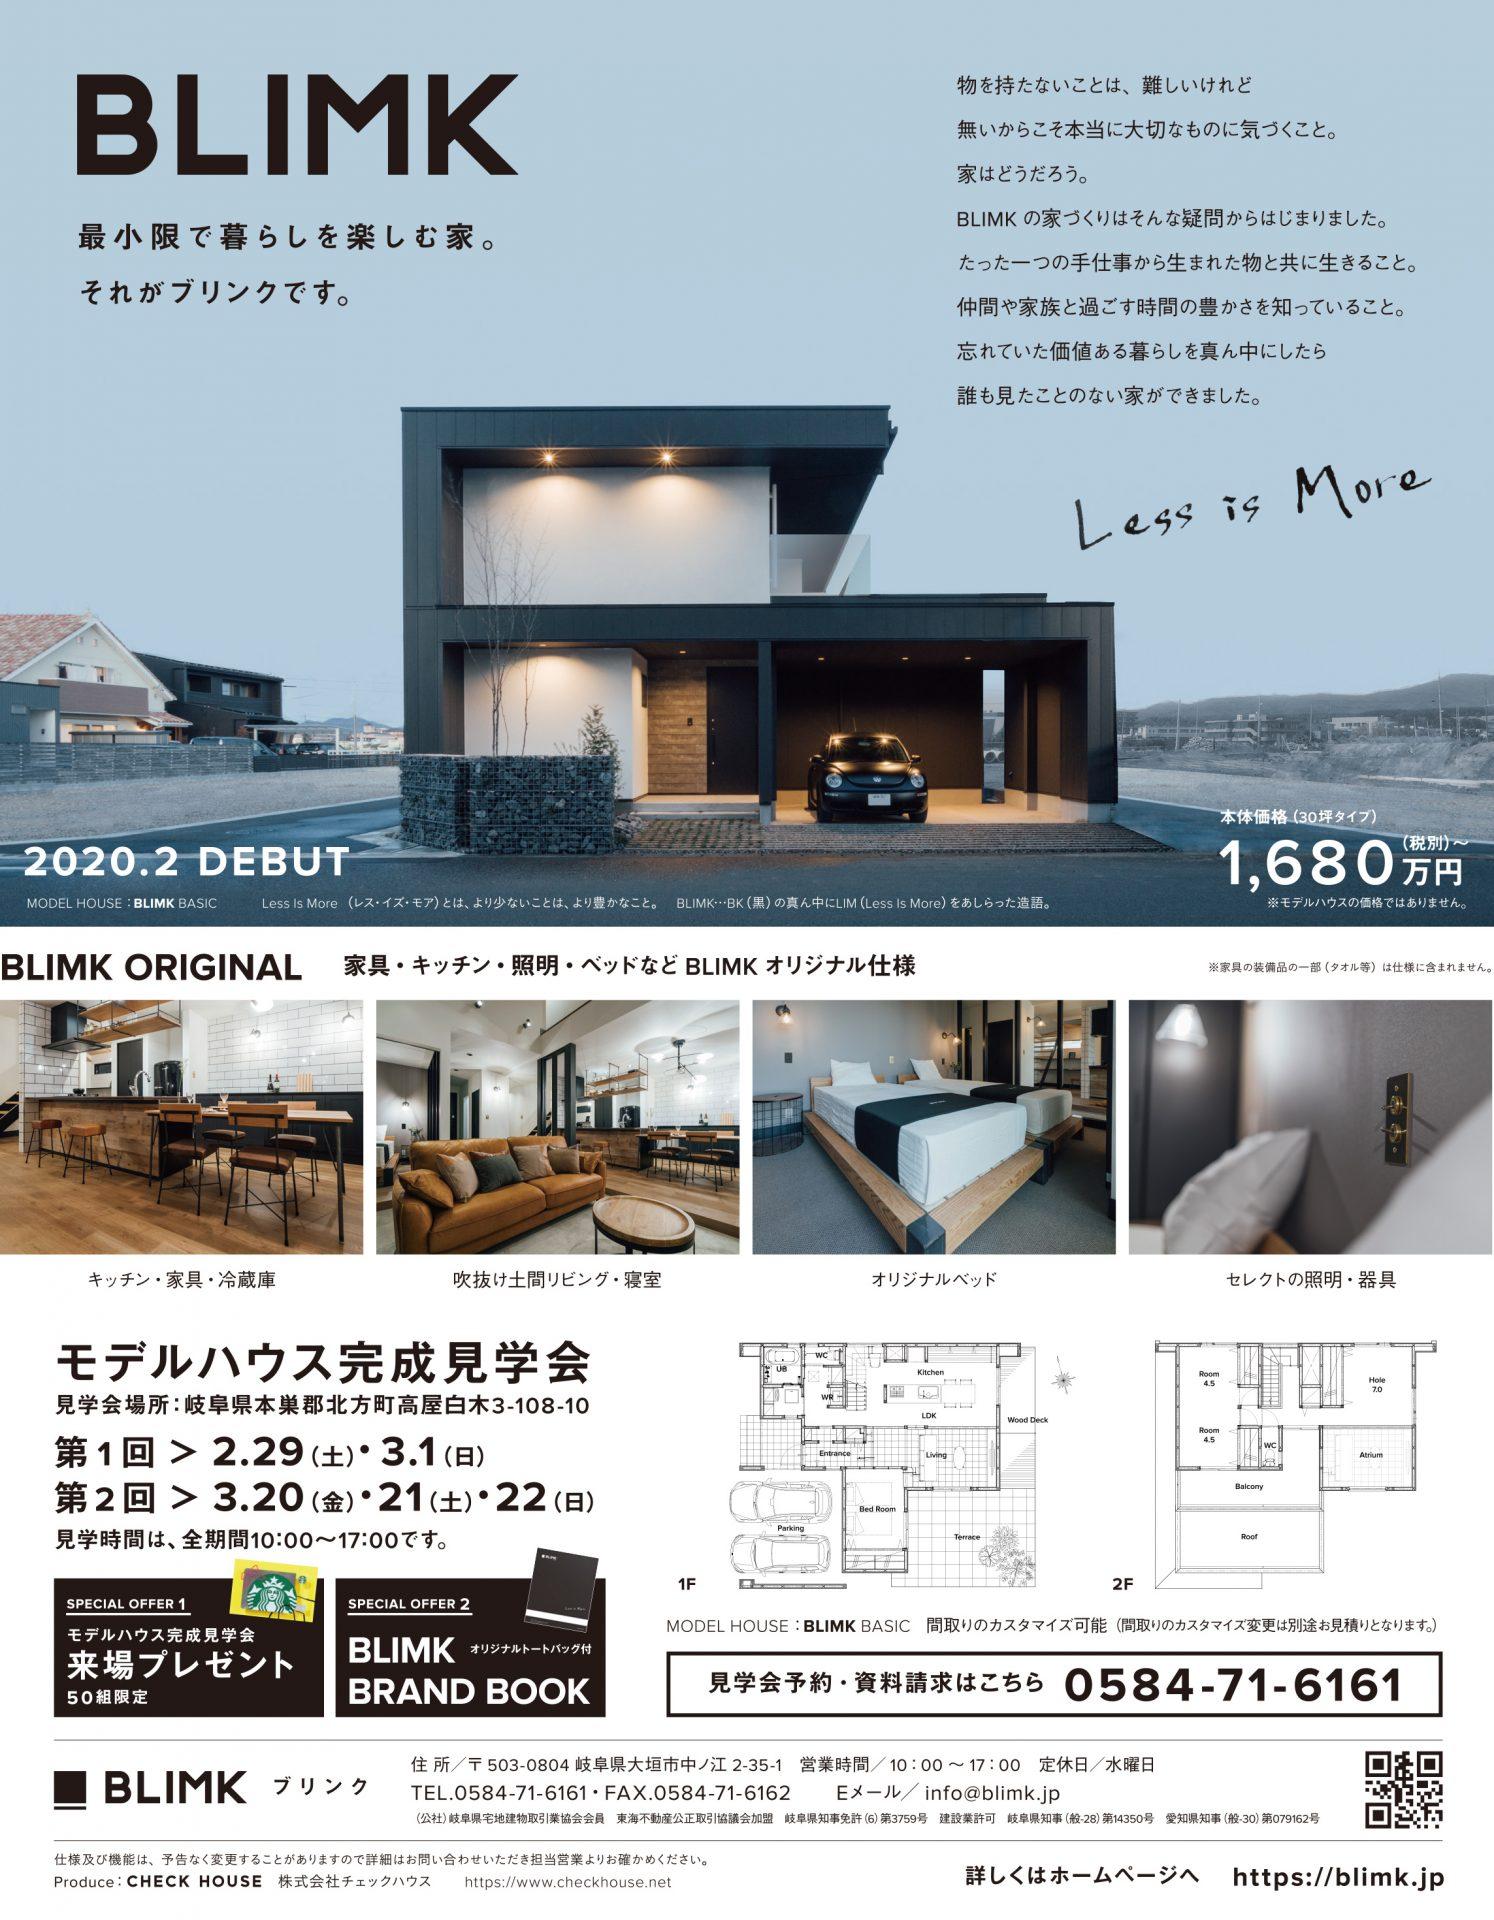 開催BLIMK(ブリンク)モデルハウス&は・こ・に・わ見学会 <3/20-22>